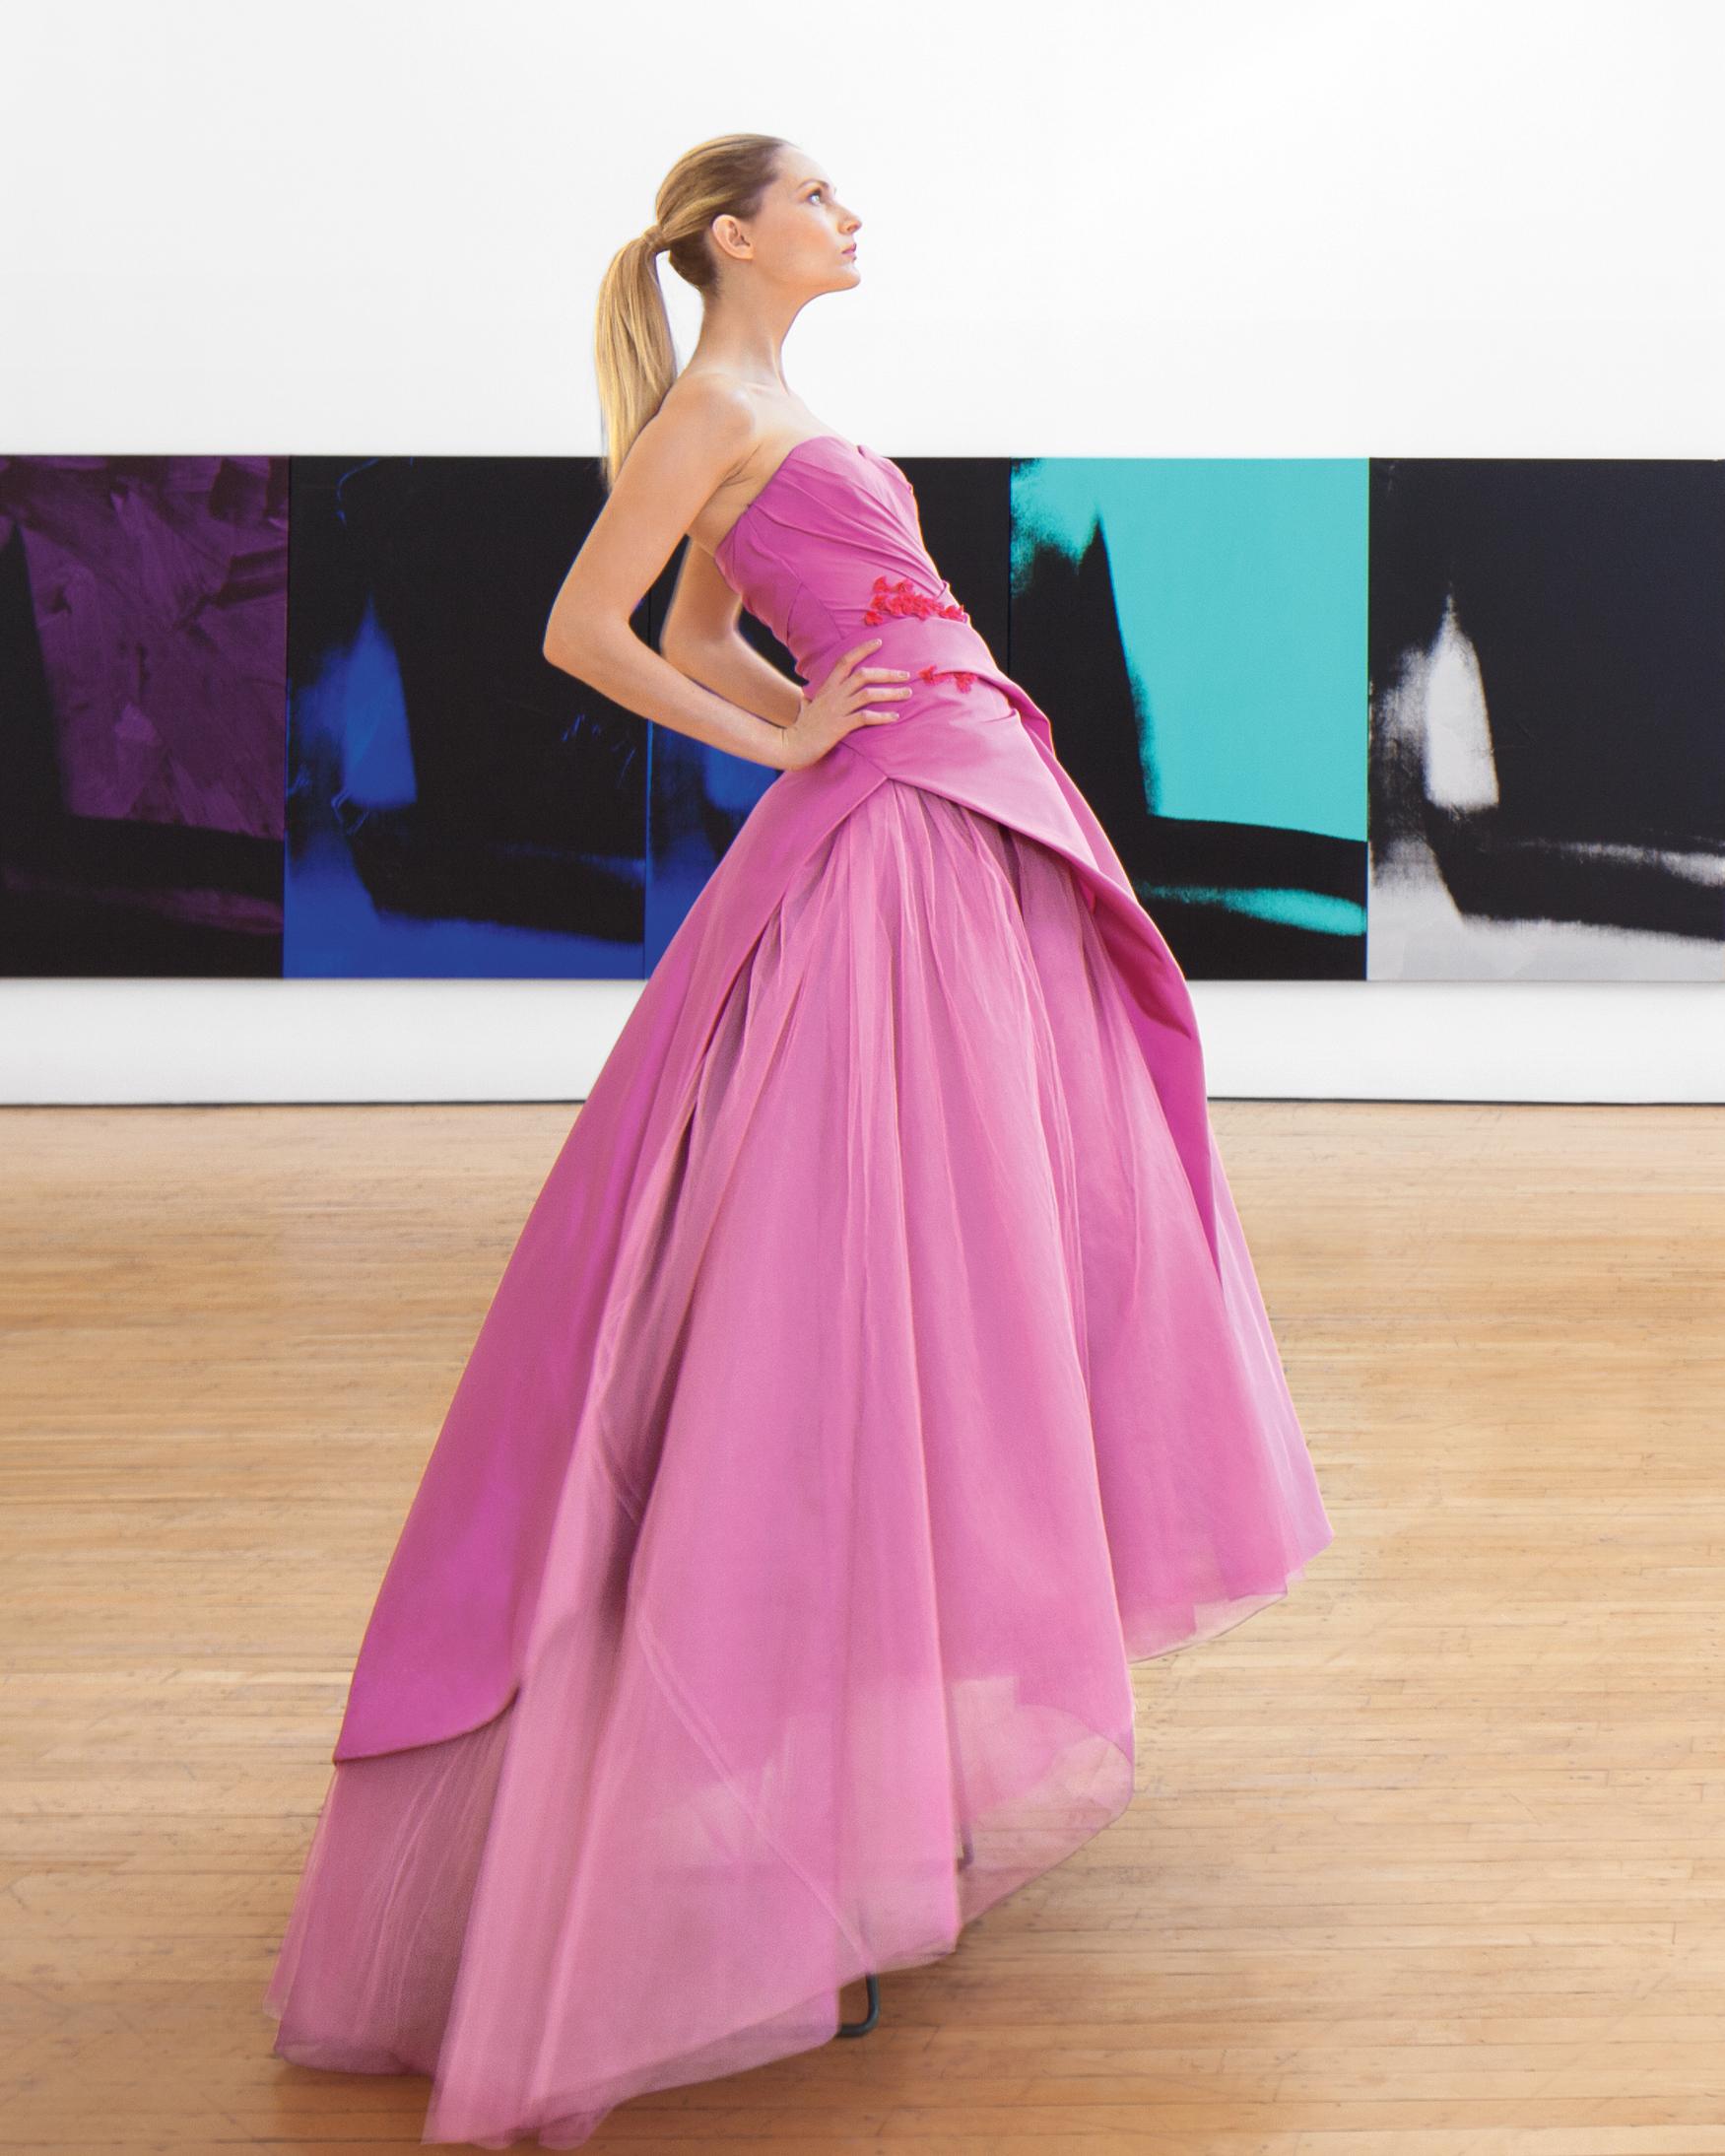 weddingdress-fashion-warhol-olga-mwd110783.jpg